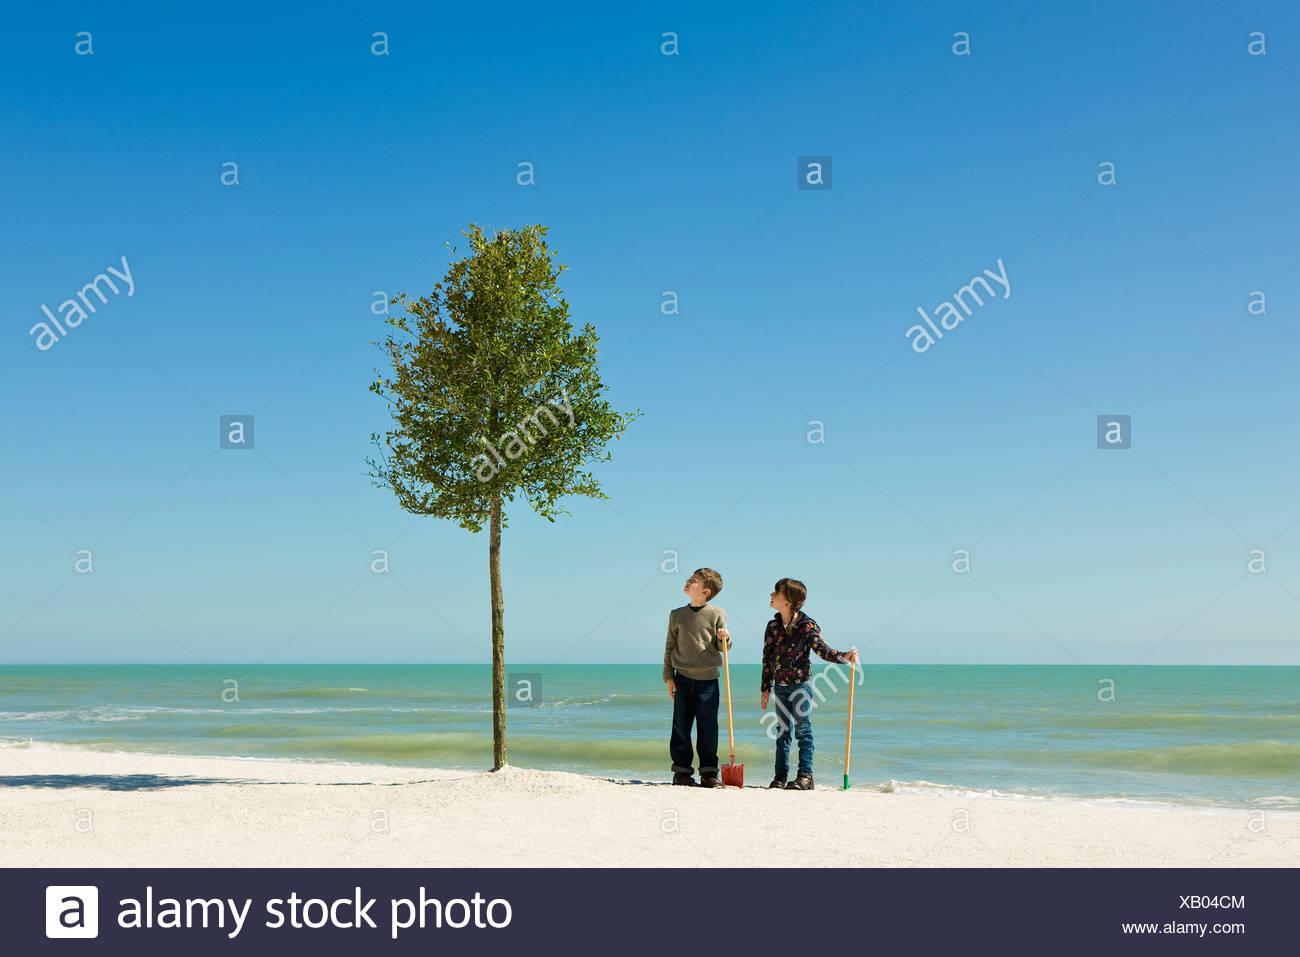 Kinder stehen mit Schaufeln neben Baum gepflanzt am Strand Stockfoto ...